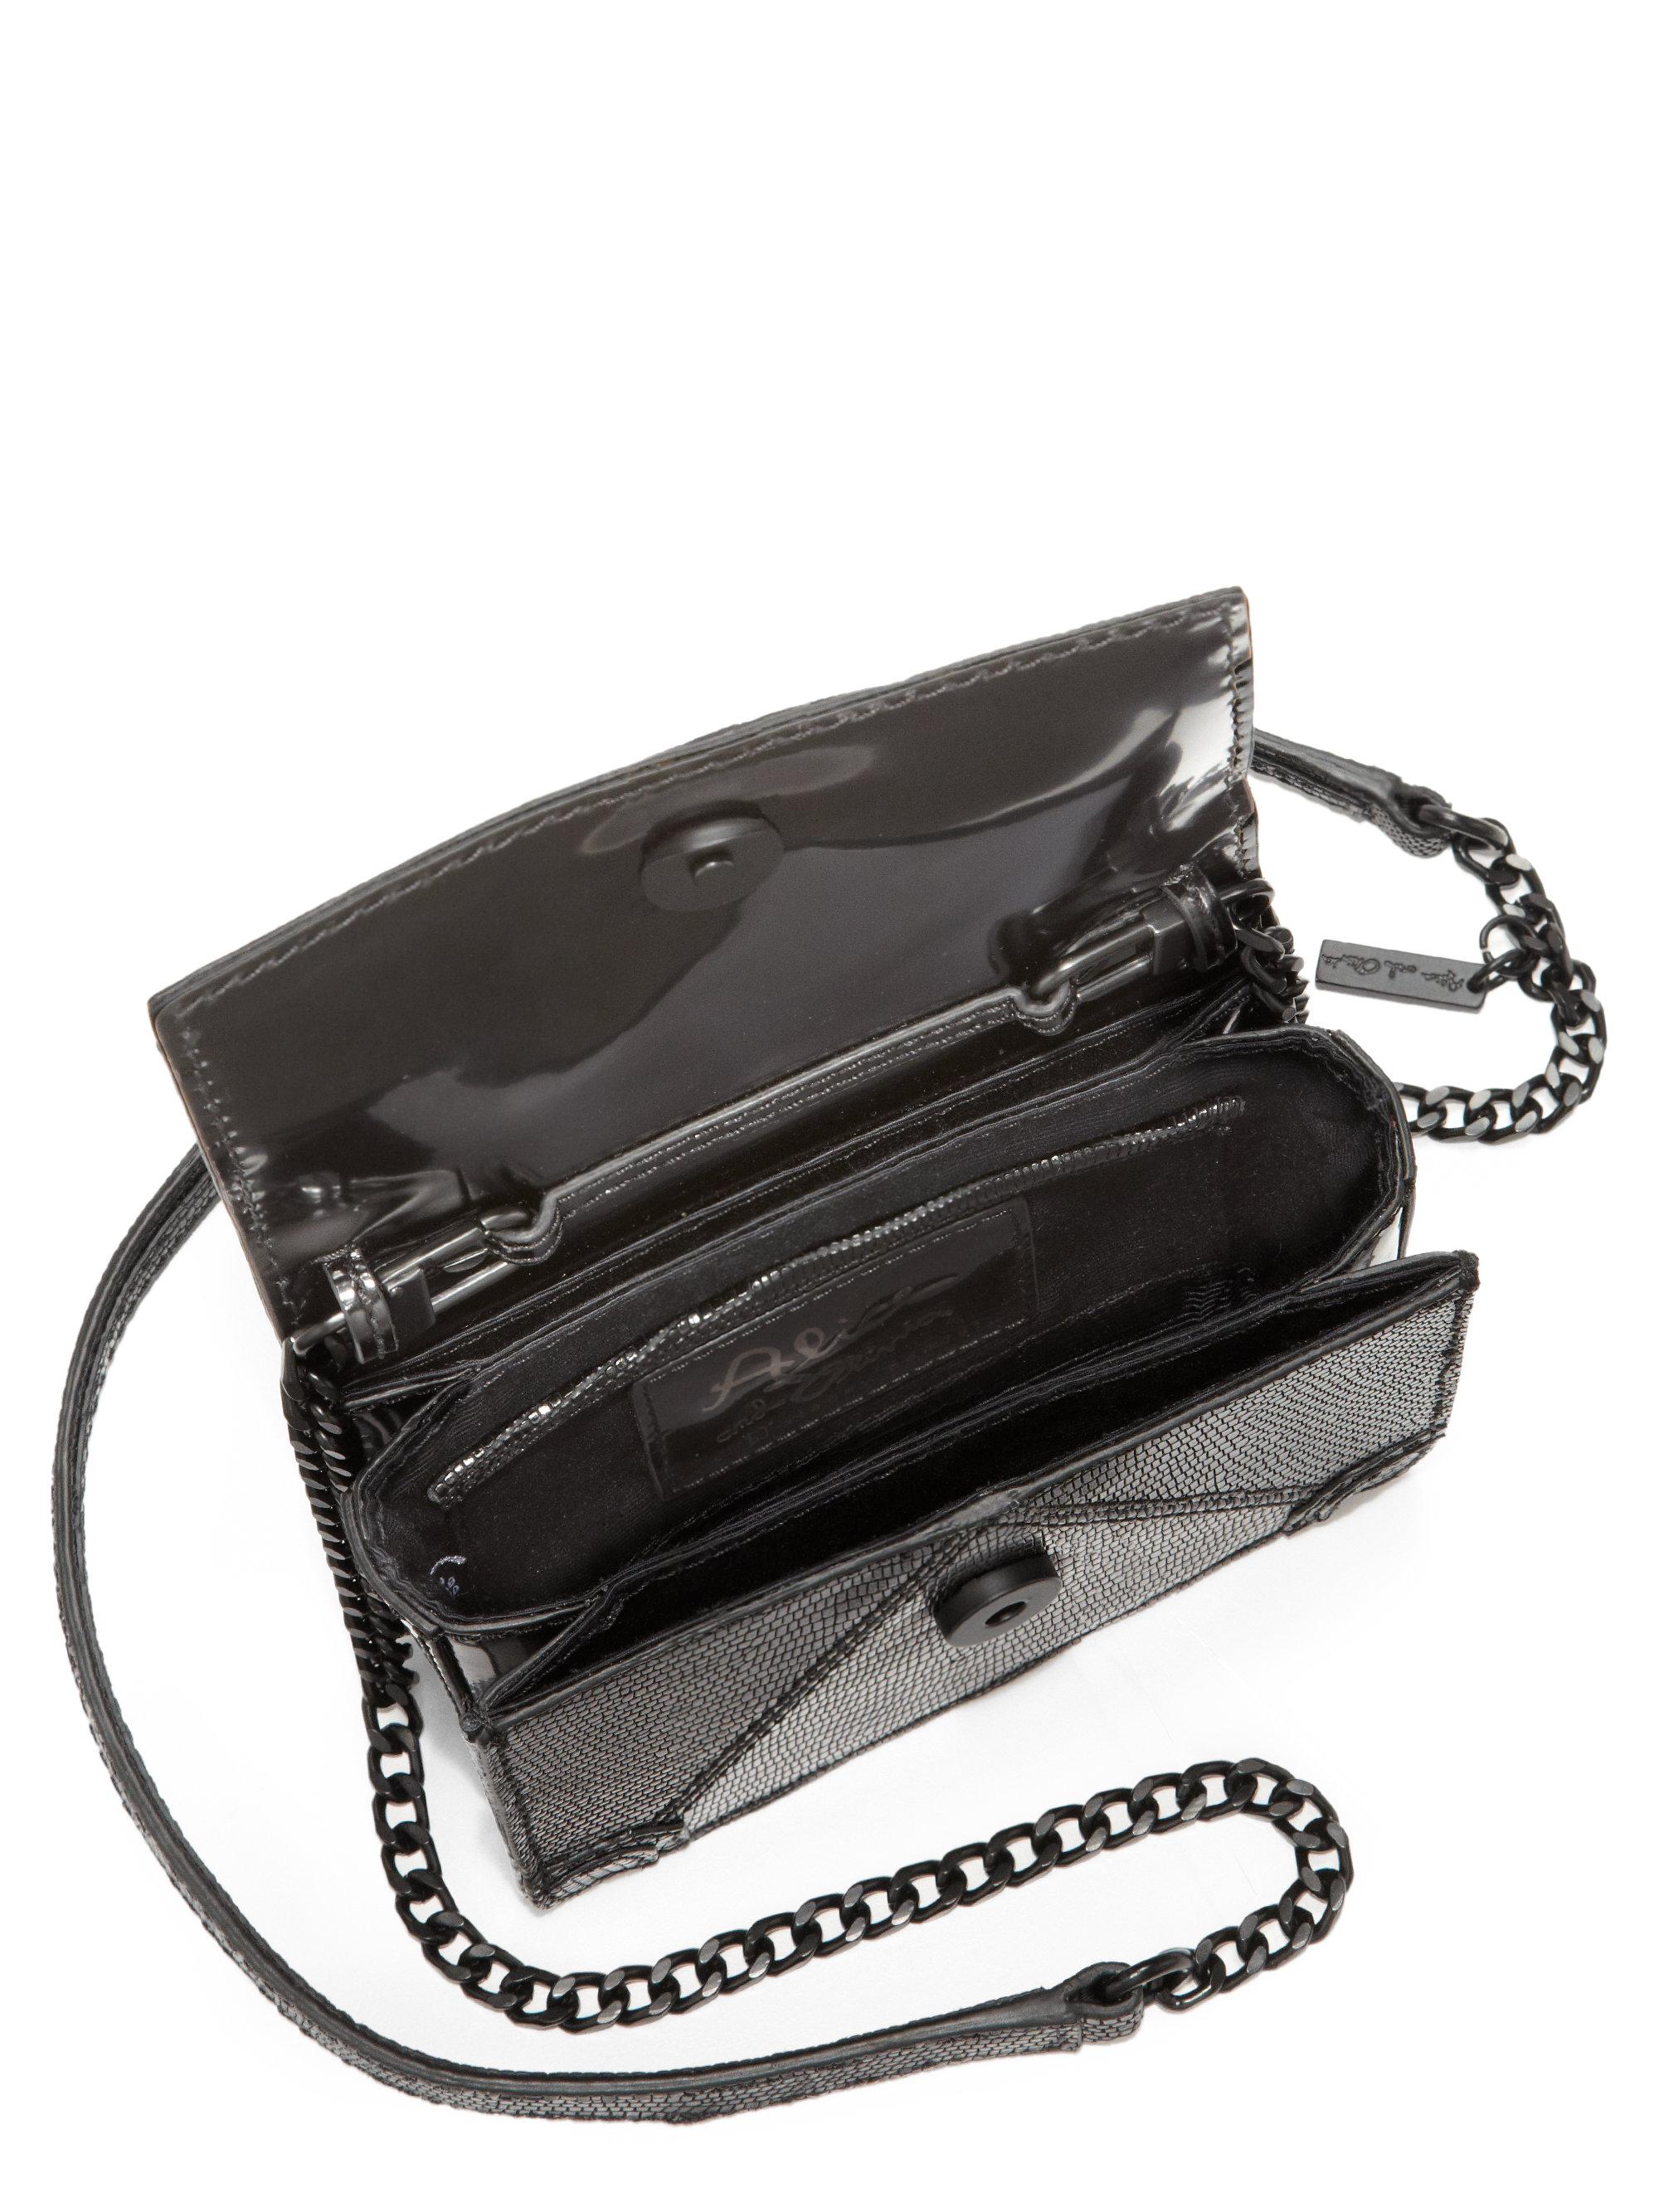 Alice + Olivia Mini Lizardembossed Clee Shoulder Bag in Black - Lyst